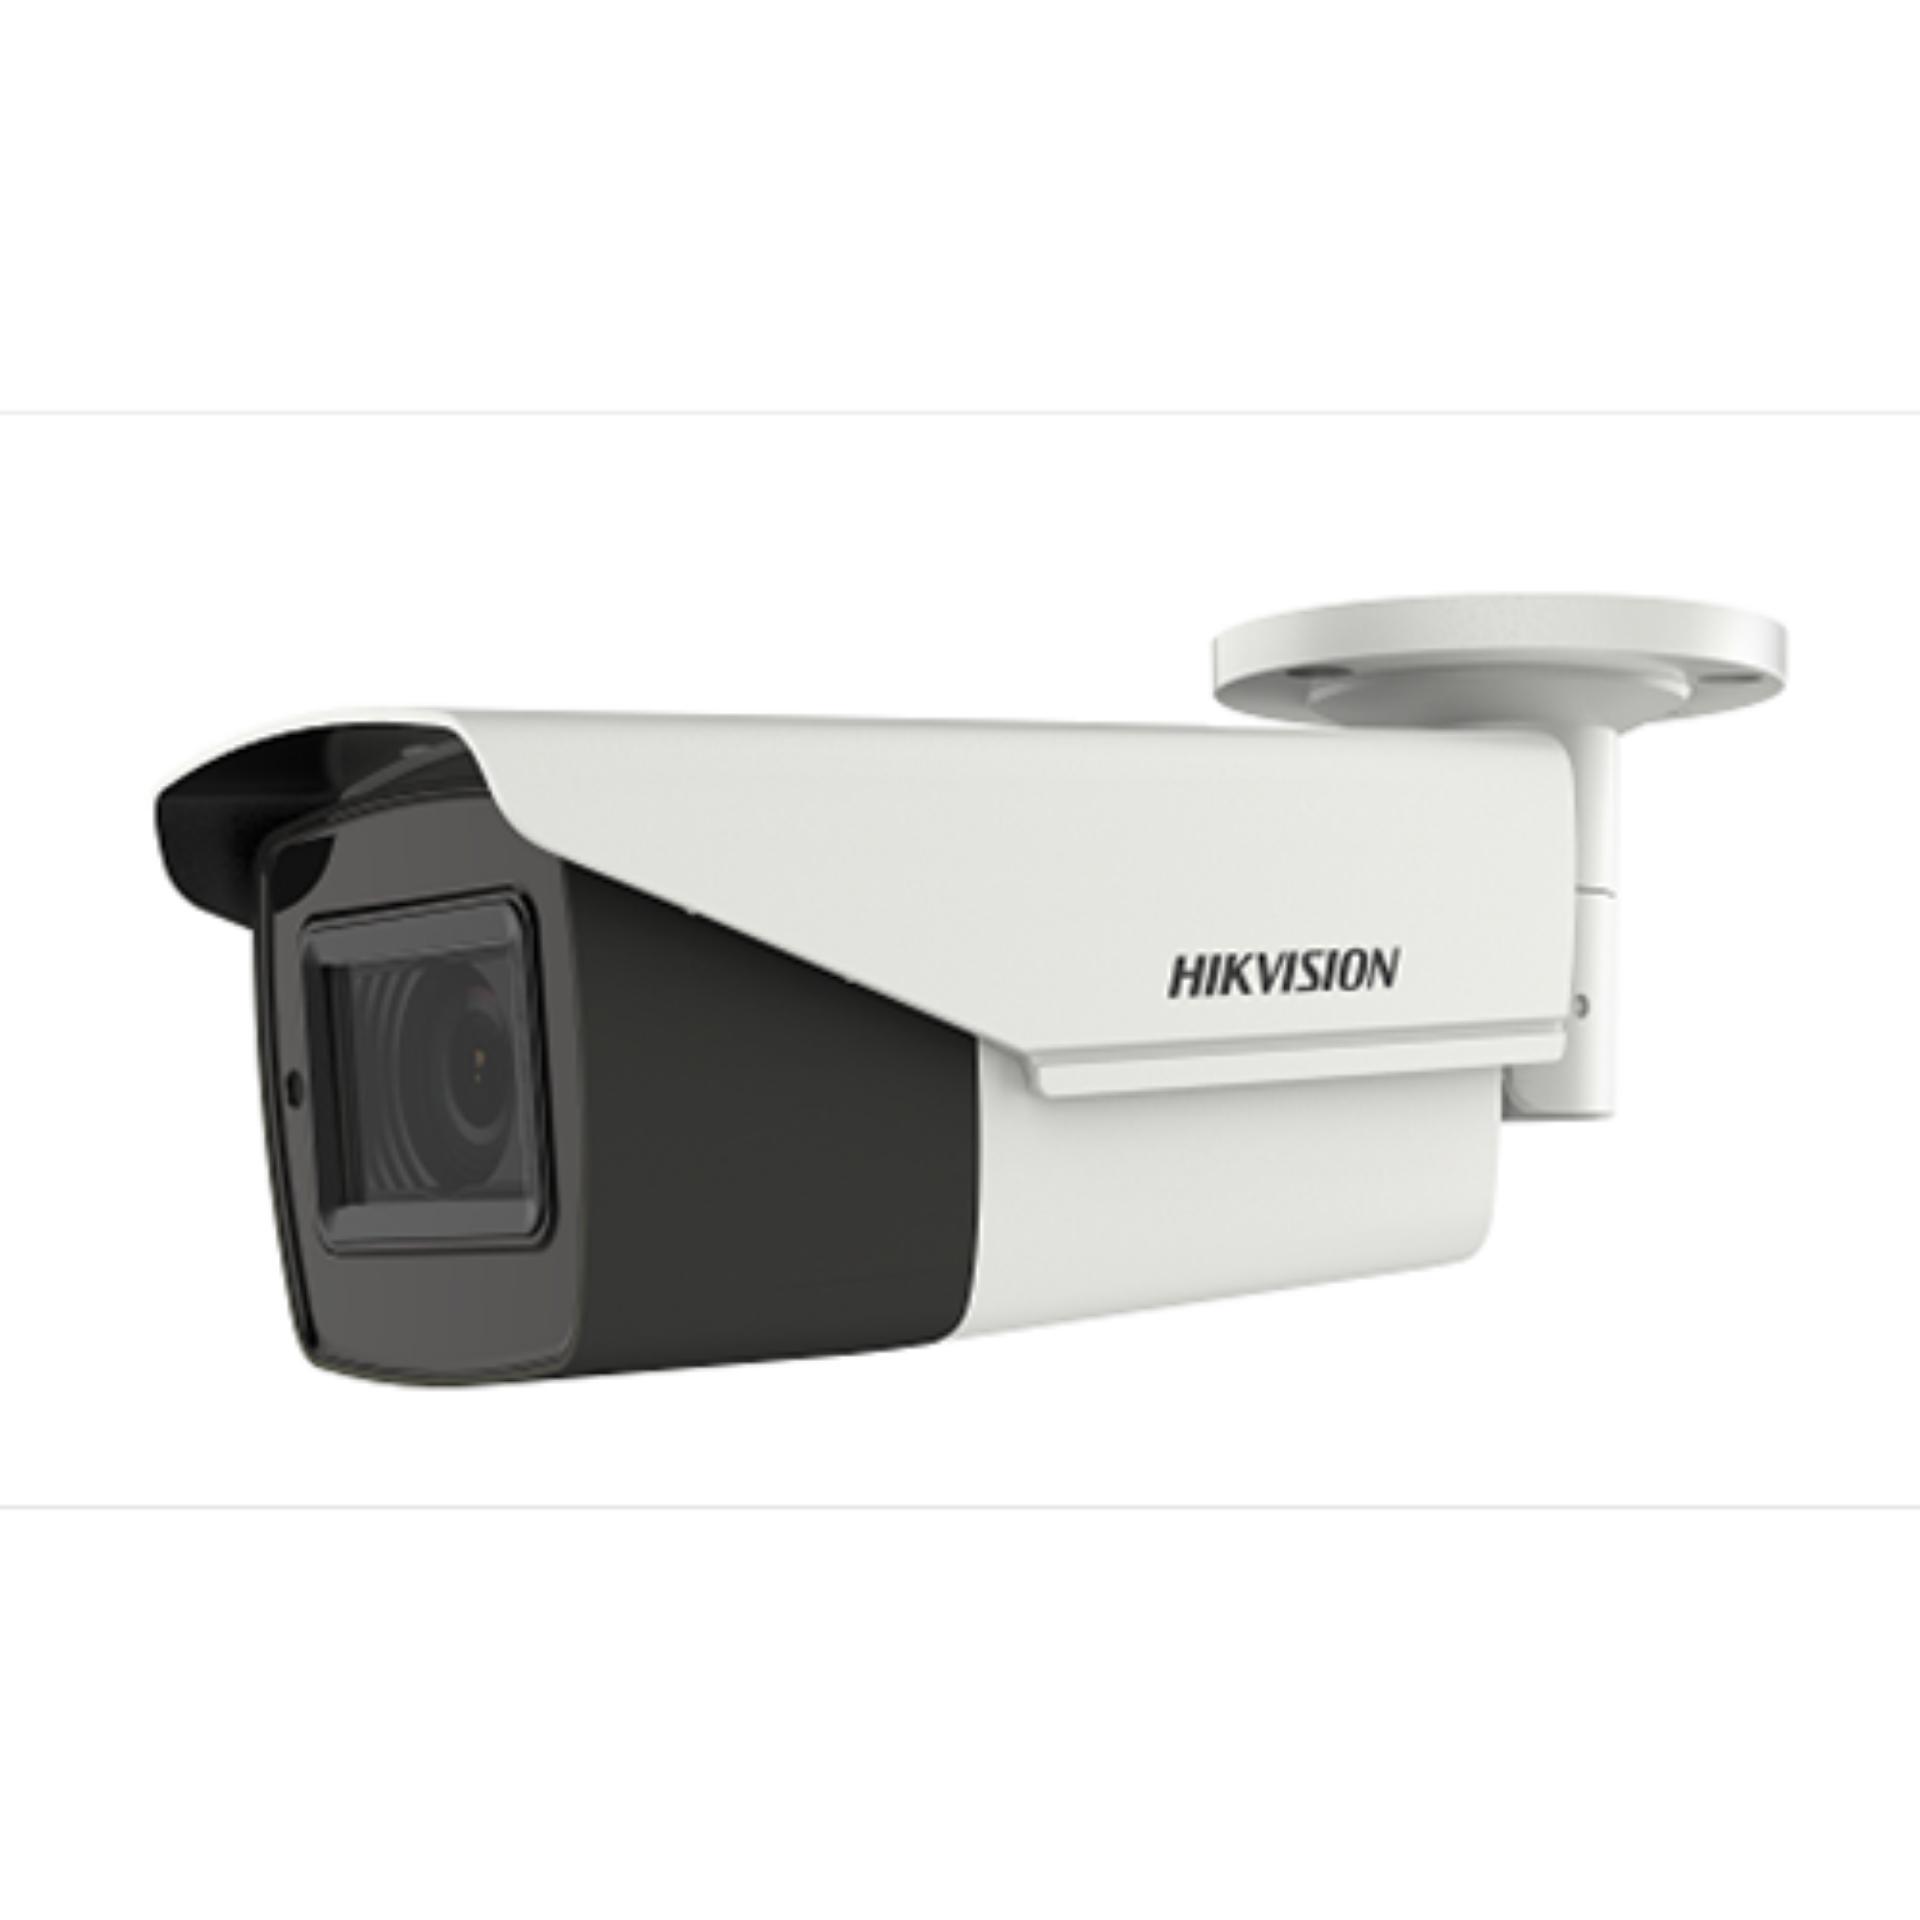 [BẢO HÀNH 24 THÁNG] Camera HIKVISION DS-2CE16H0T-IT3ZF 5.0Mp – Camera giám sát an ninh – Công Nghệ Hoàng Nguyễn